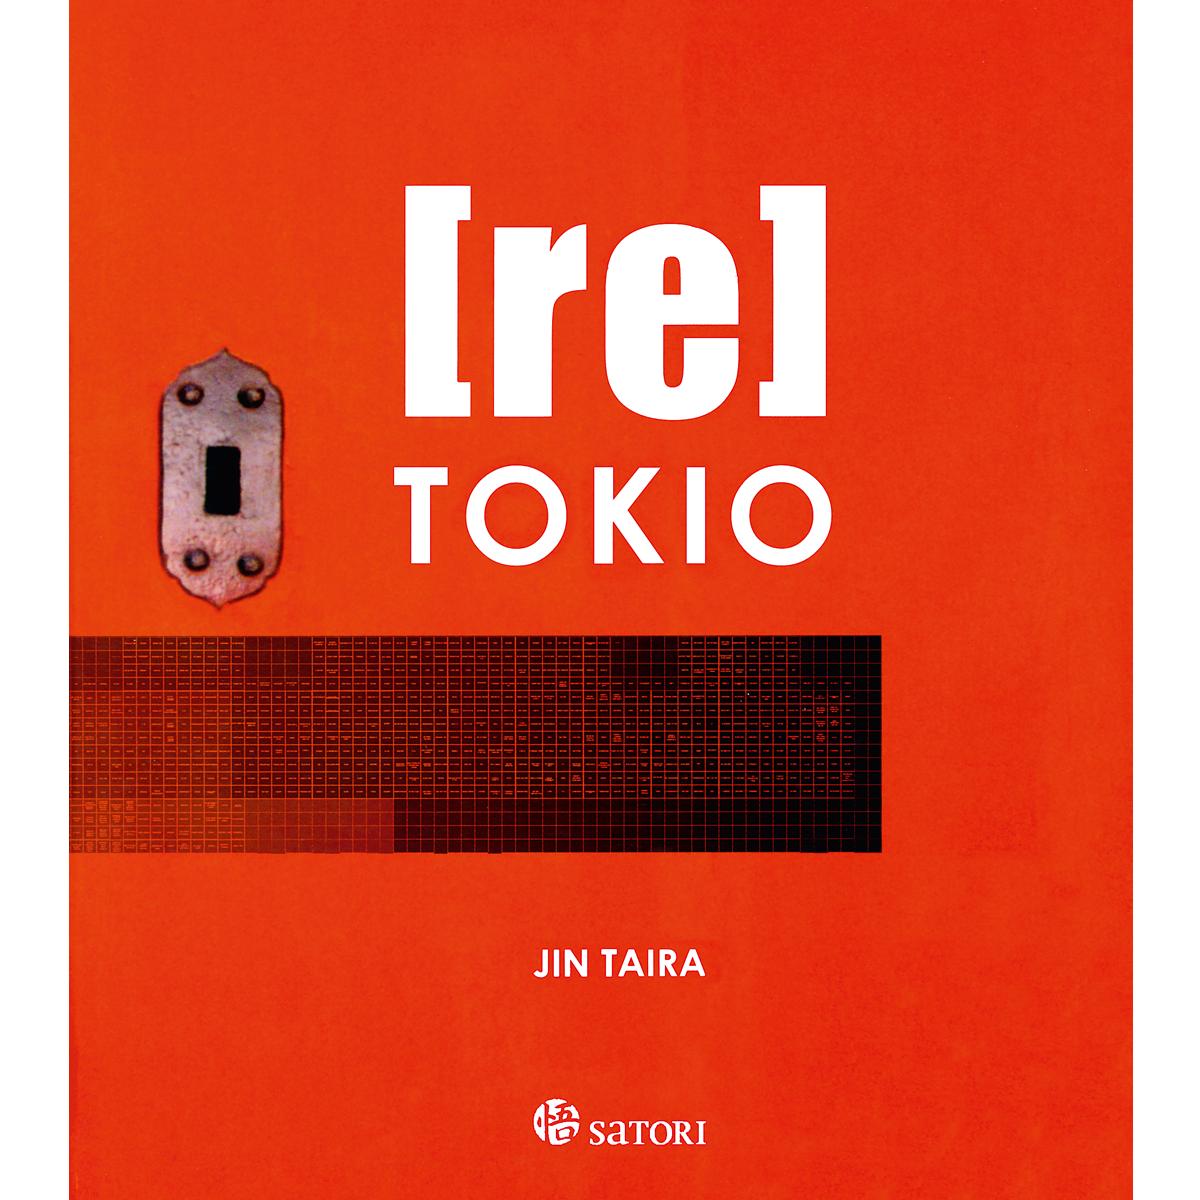 [re]Tokio